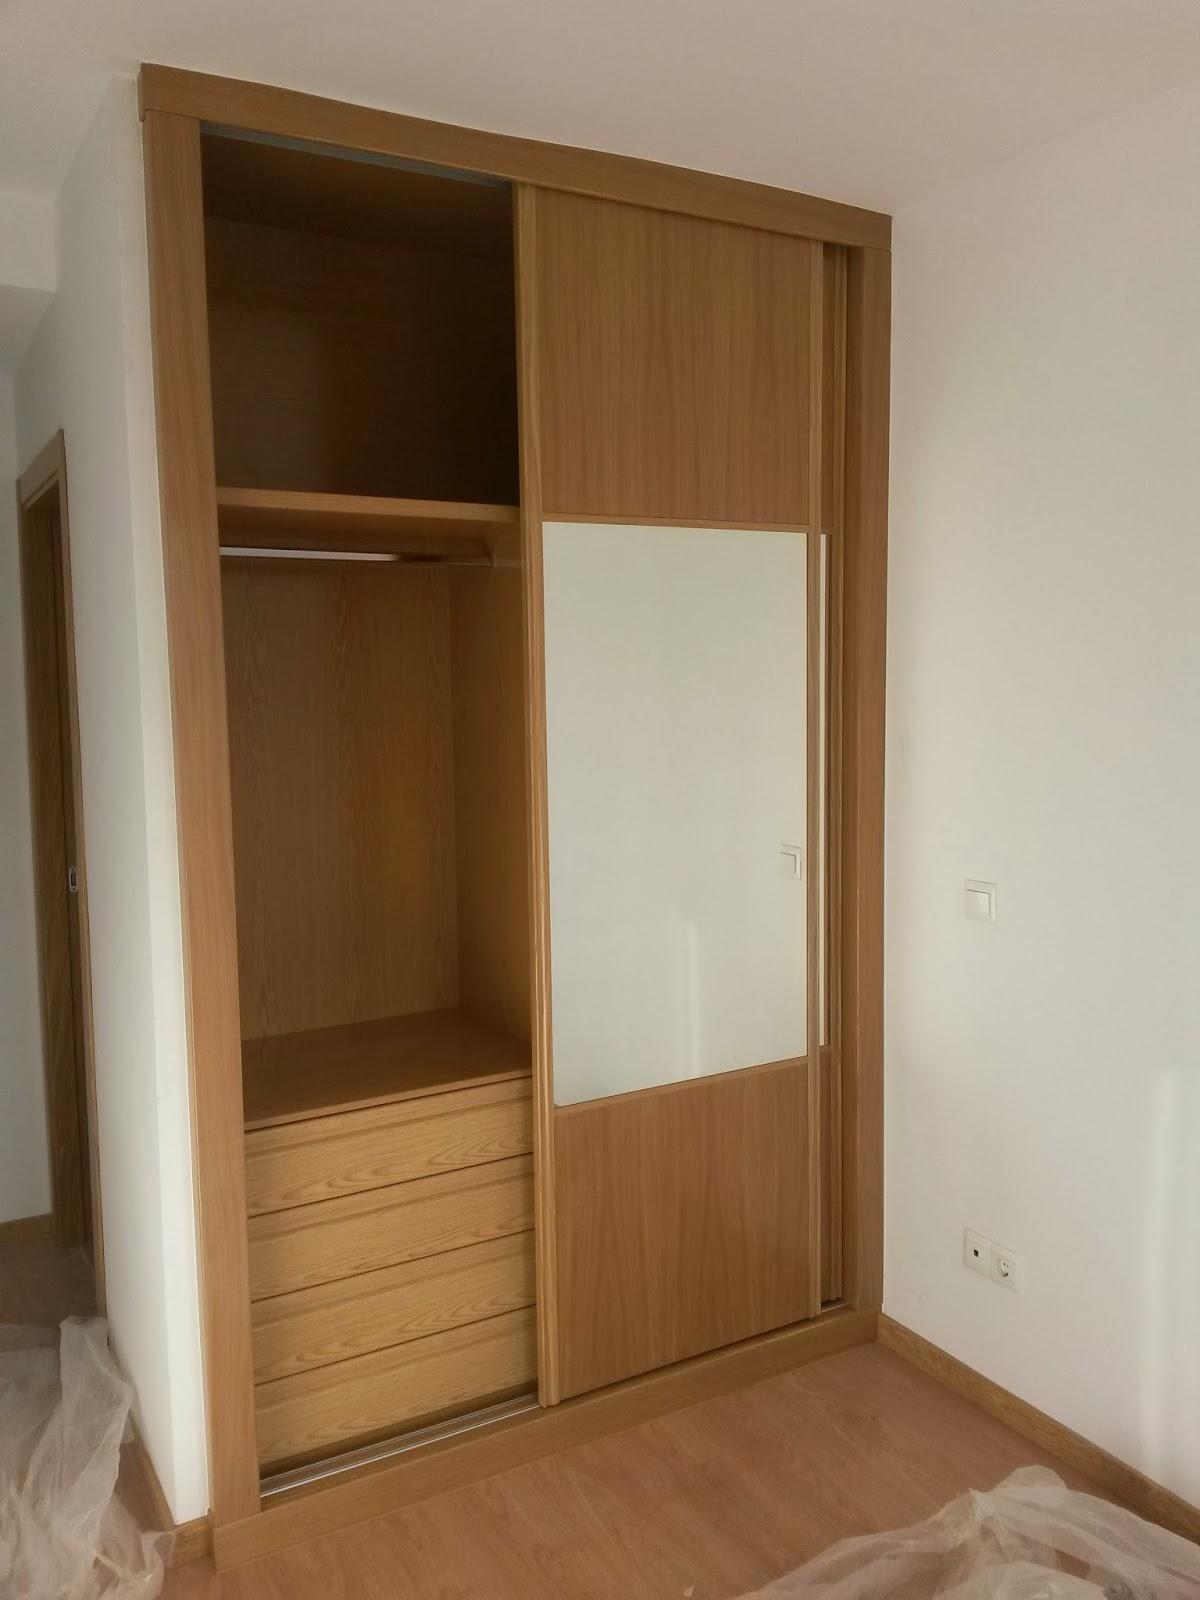 Muebles a medida forrado interior de armario con puertas for Medidas puertas interior